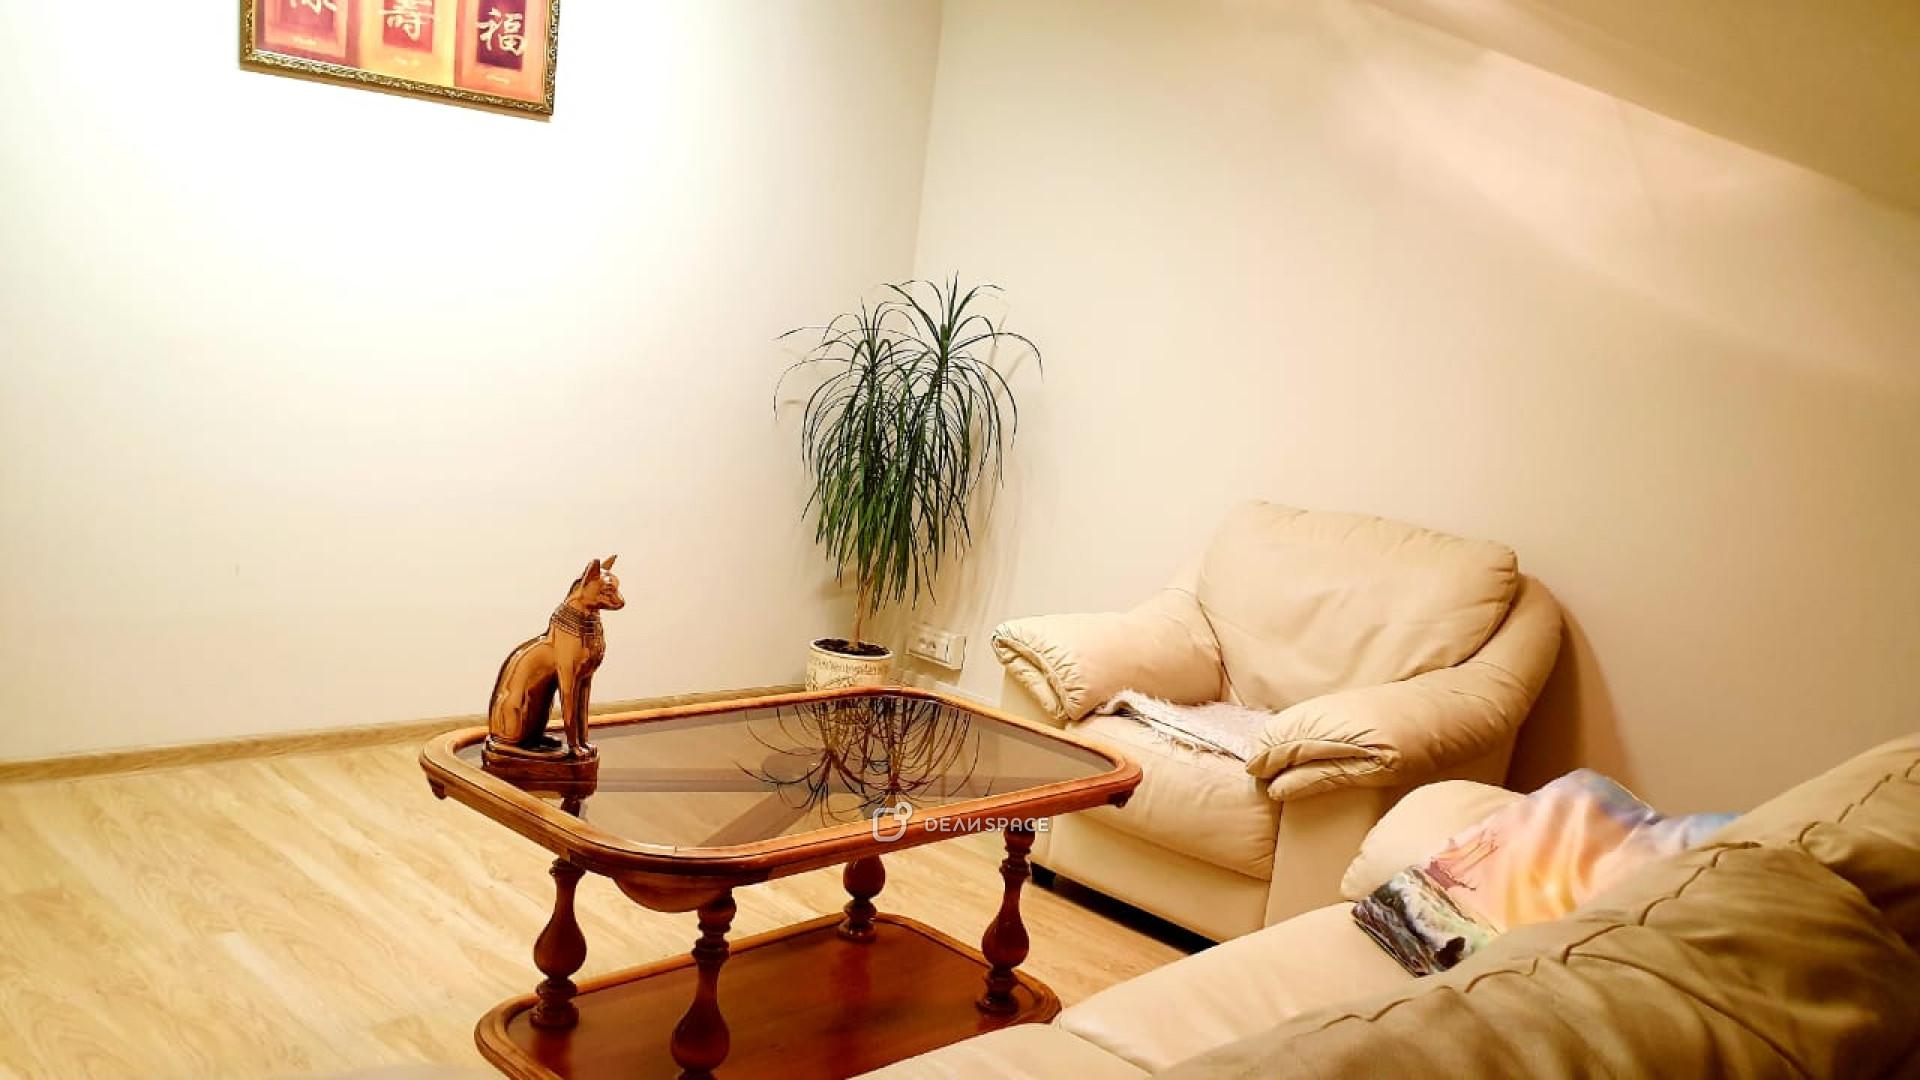 Кабинет для массажа и индивидуальных консультаций - фото №4